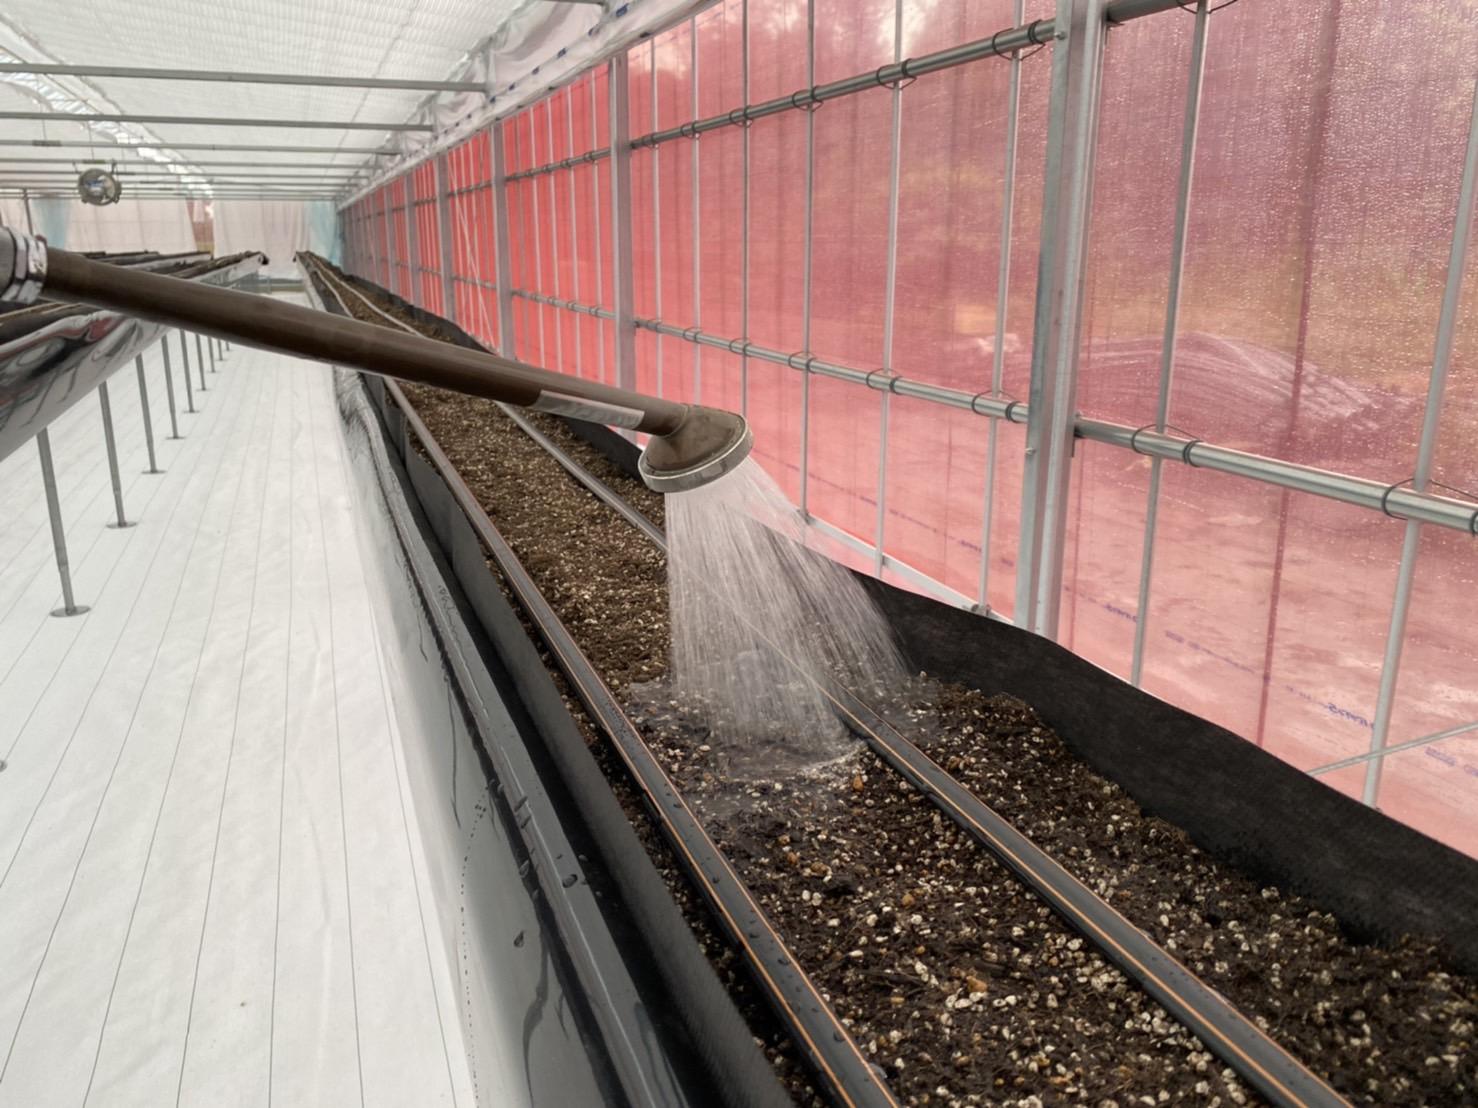 培土のアク抜き作業と点滴について